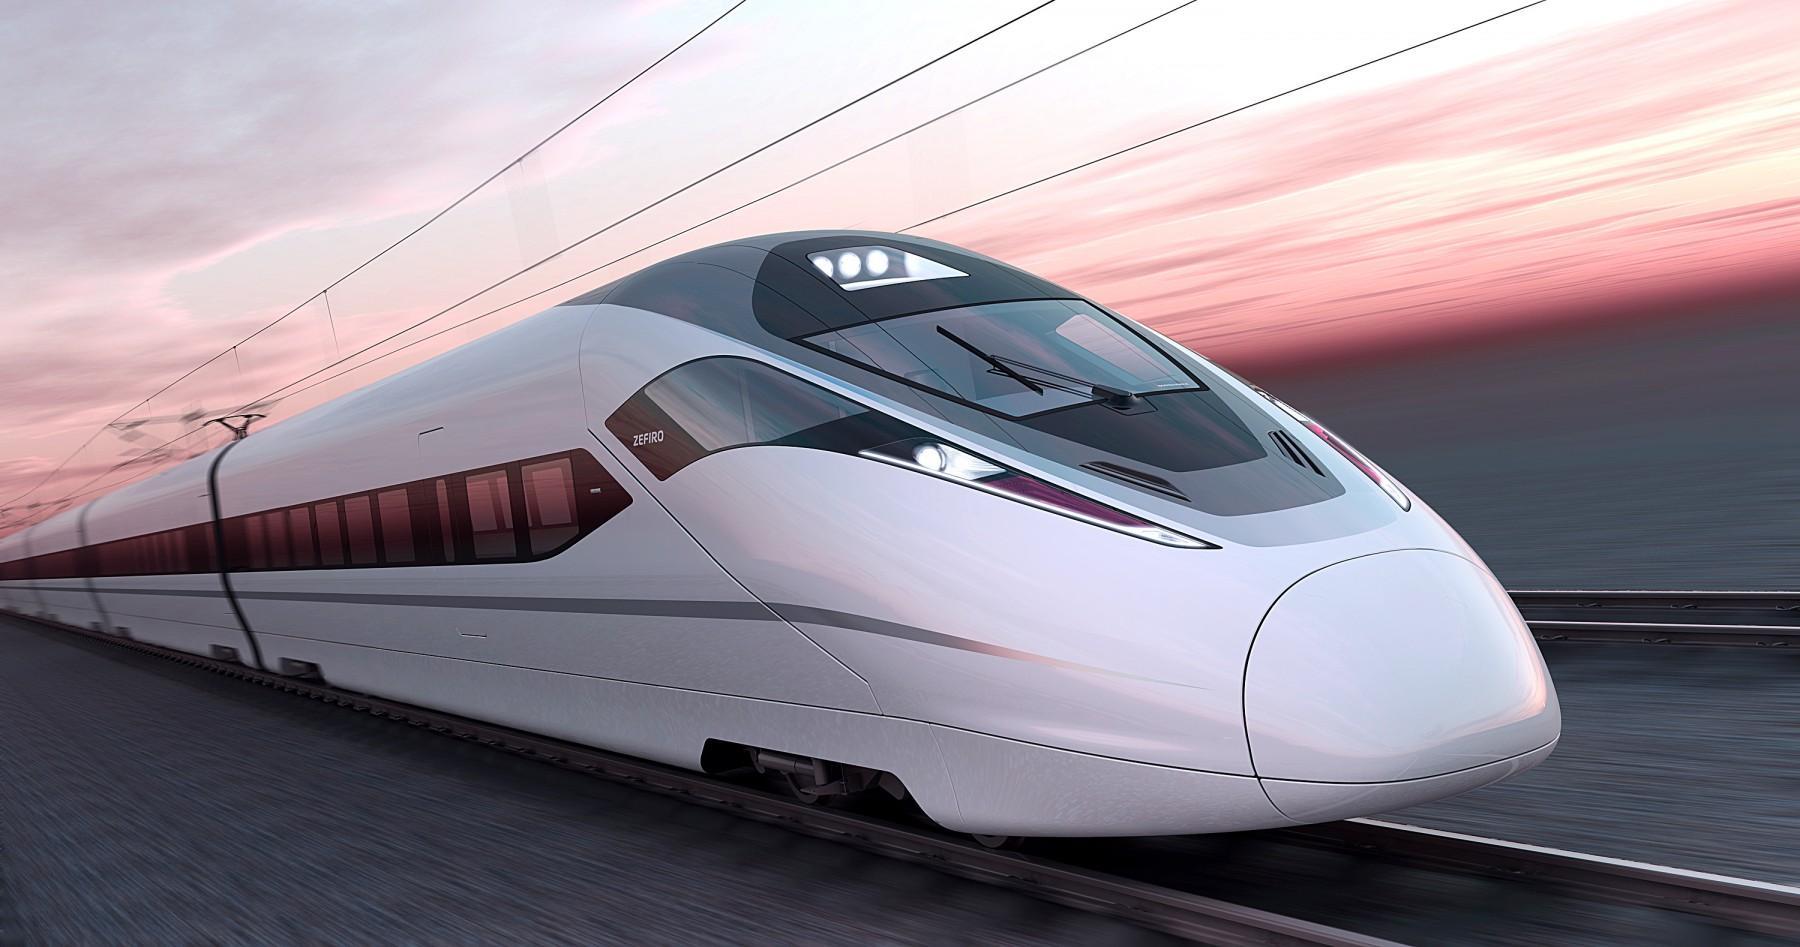 К 2020 году в Китае будет введен в эксплуатацию беспилотный поезд на магнитной подушке скоростью 200 км/ч